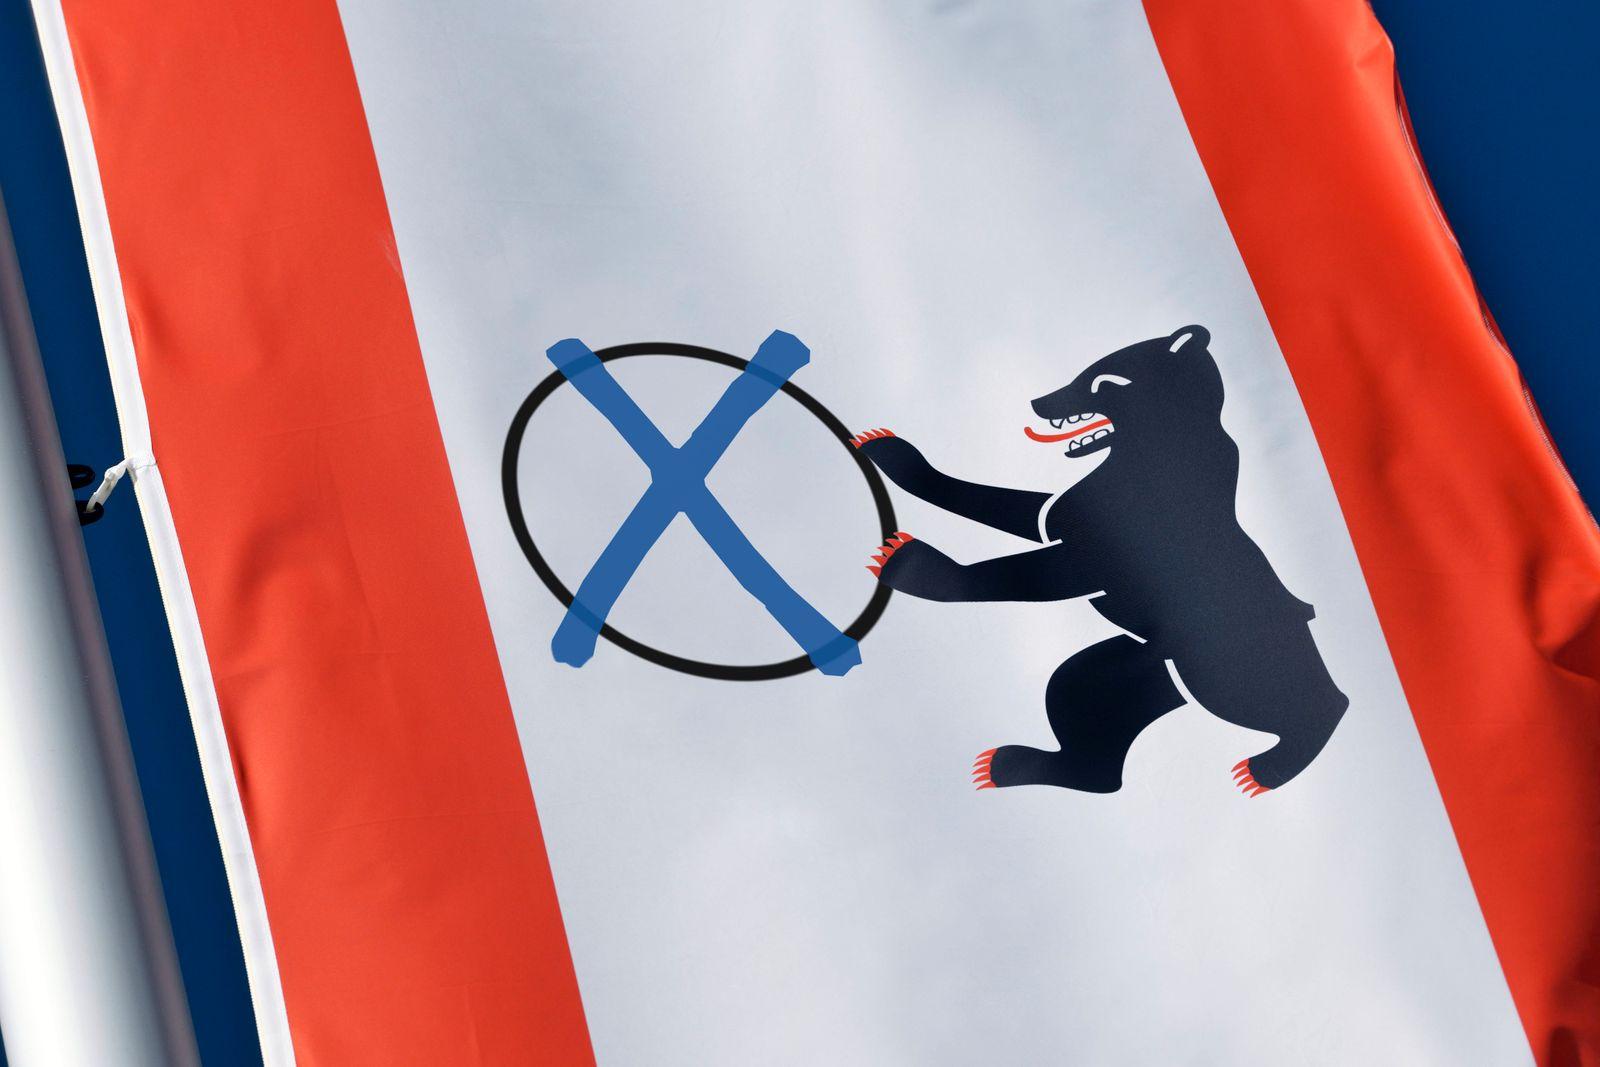 FOTOMONTAGE, Wehende Fahne des deutschen Bundeslandes und der Bundeshauptstadt Berlin mit Wahlkreuz, Wahl zum Abgeordnet